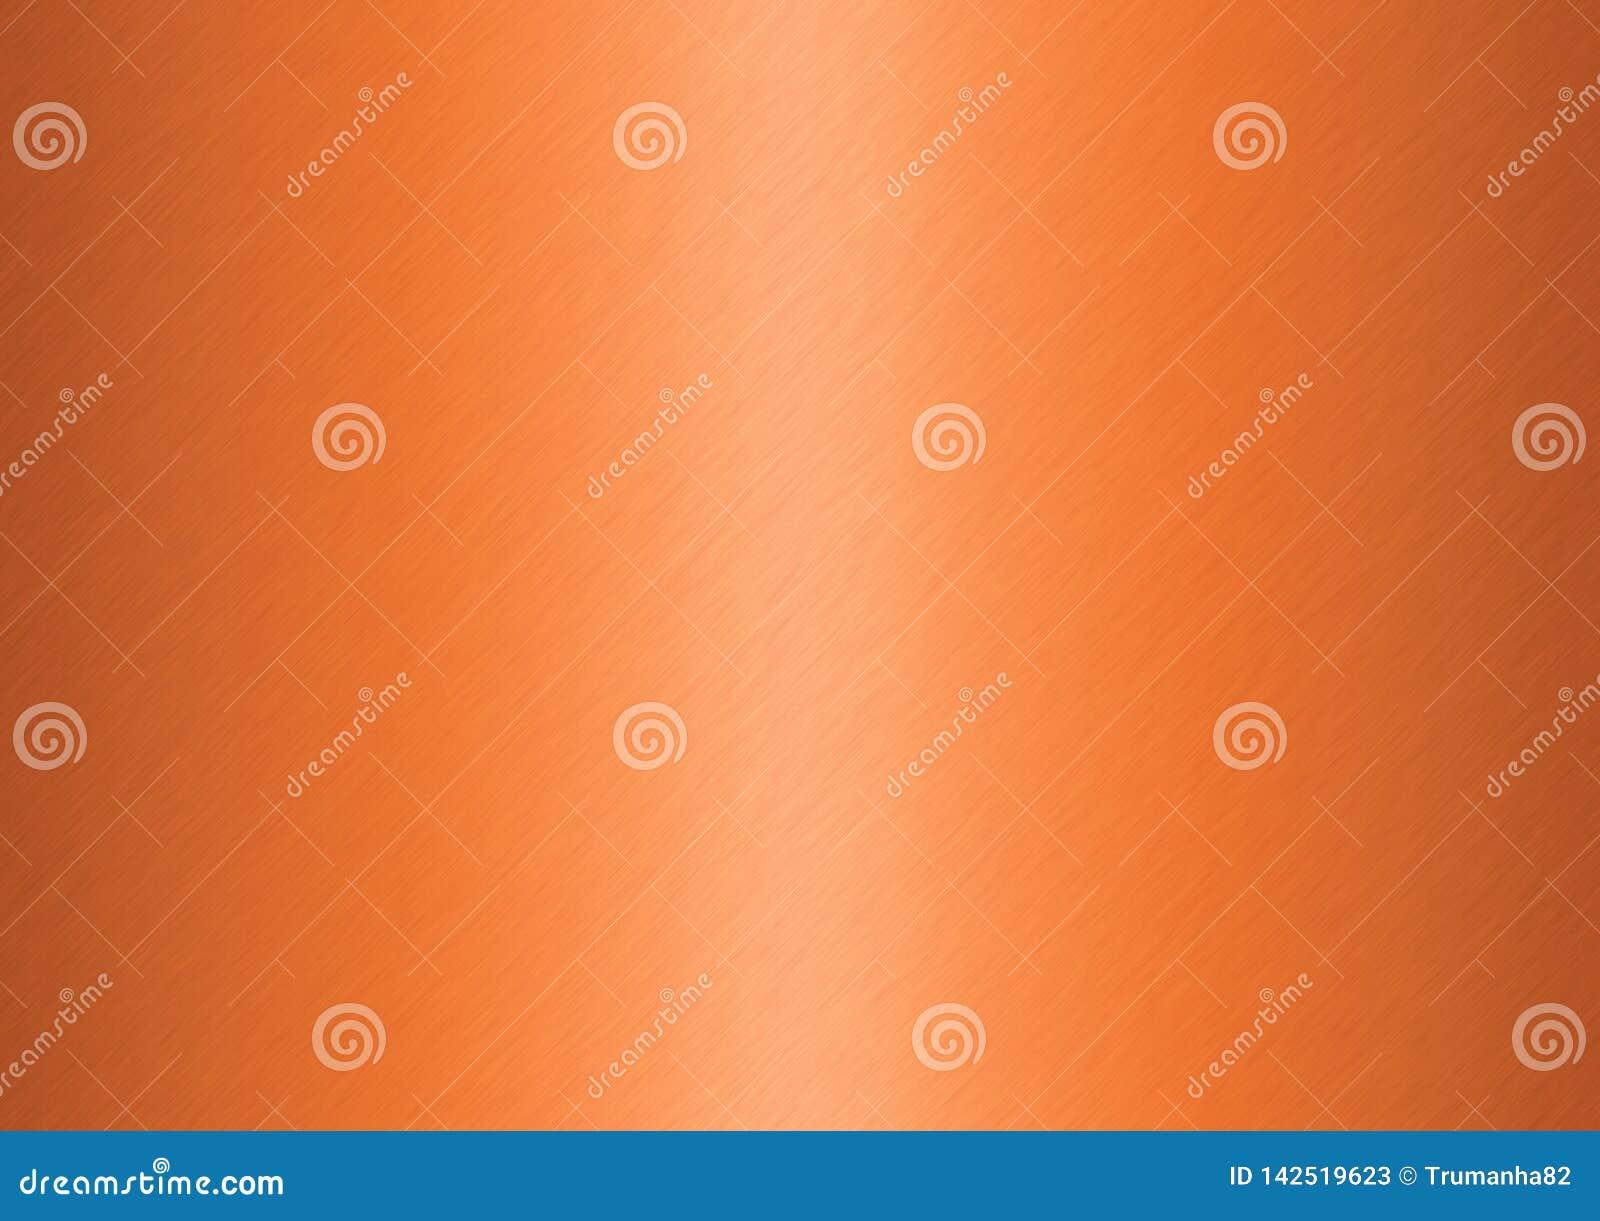 Zusammenfassung gebürstete Bronzeoberfläche für Hintergrund